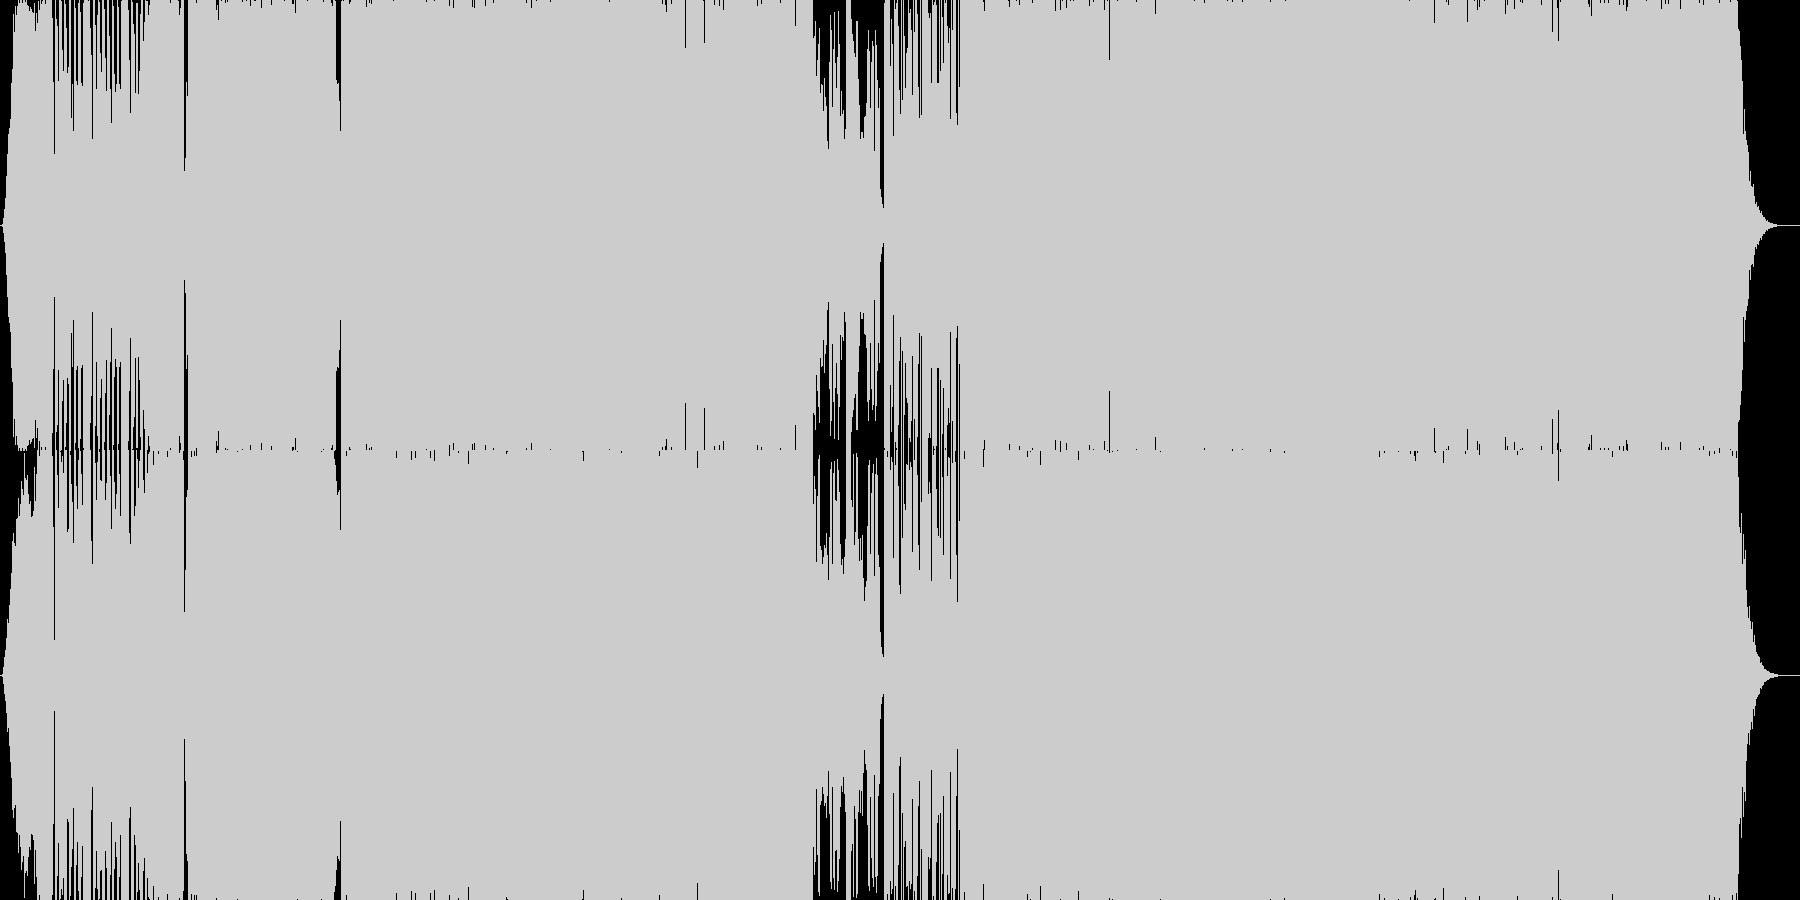 カオス感のあるEDM楽曲の未再生の波形